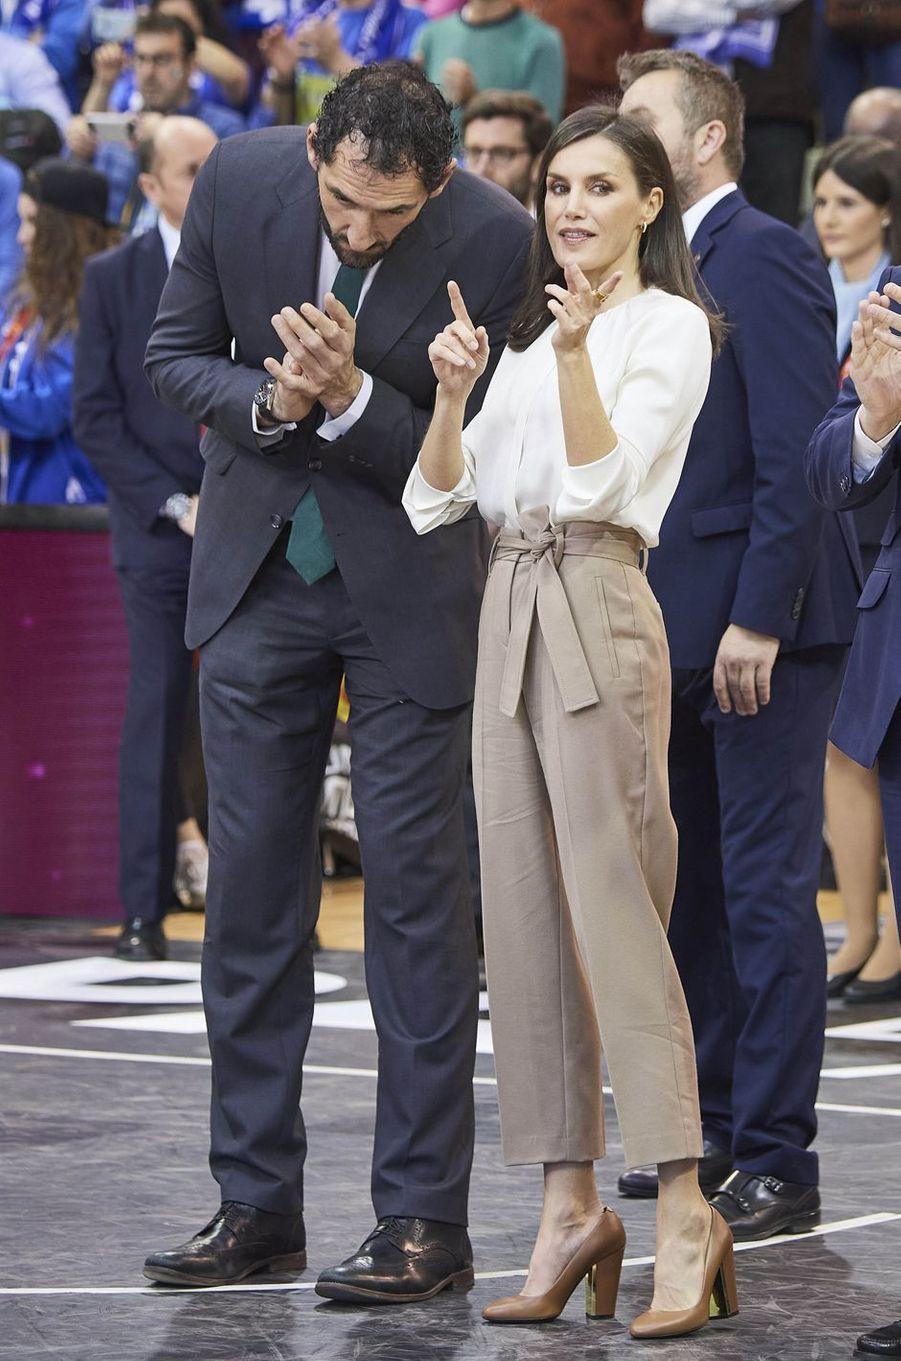 La reine Letizia d'Espagne à la finale de la Copa de la Reina de basket-ball à Salamanque, le 8 mars 2020